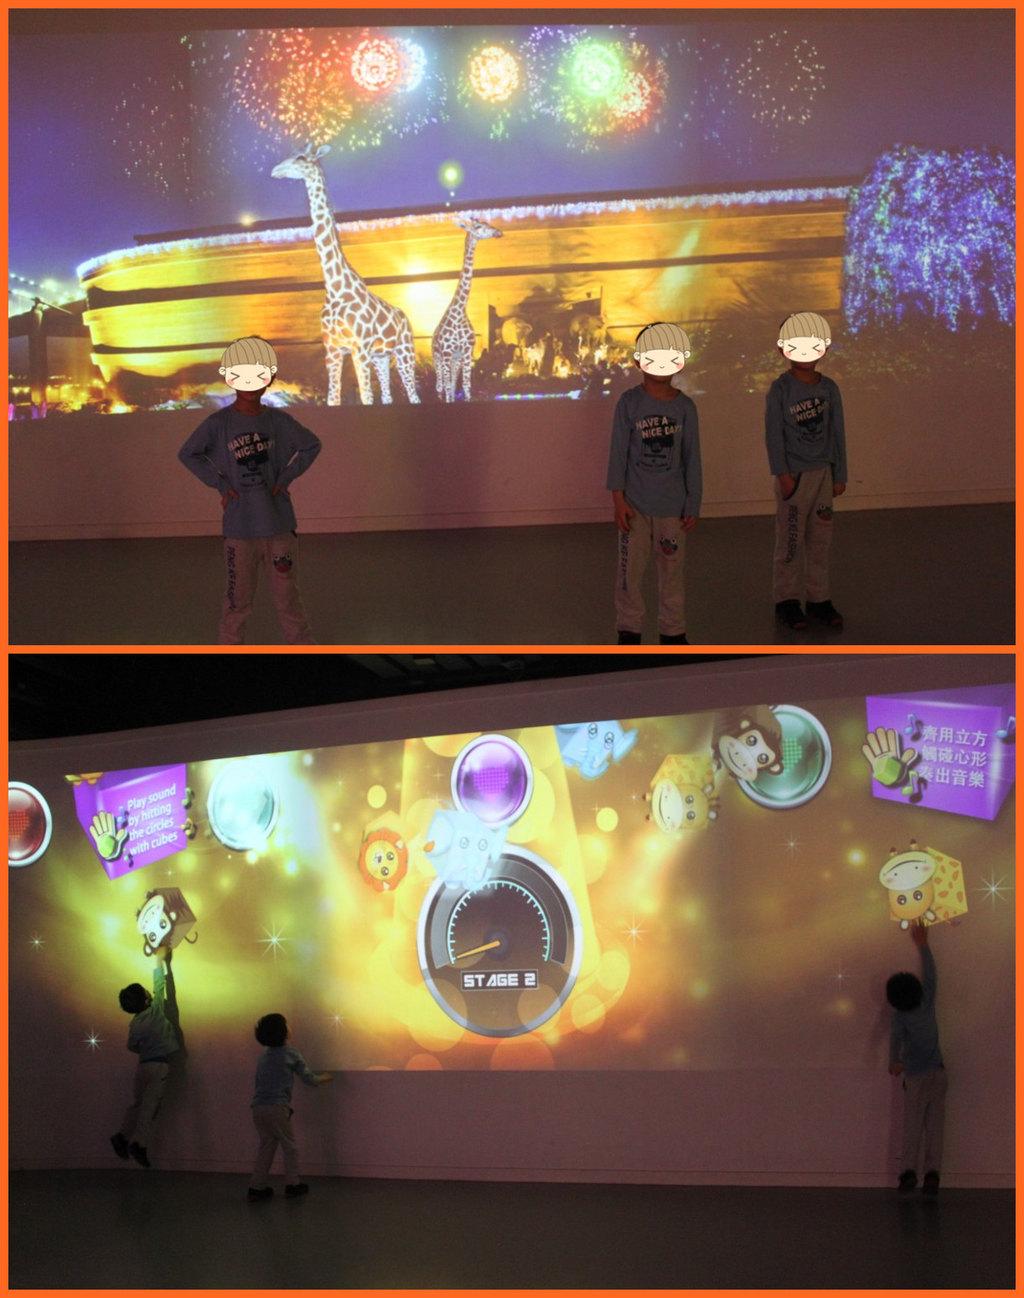 互动多媒体_多媒体互动小游戏,需要头脑跟肢体动作相协调,三个小屁孩玩到不想走